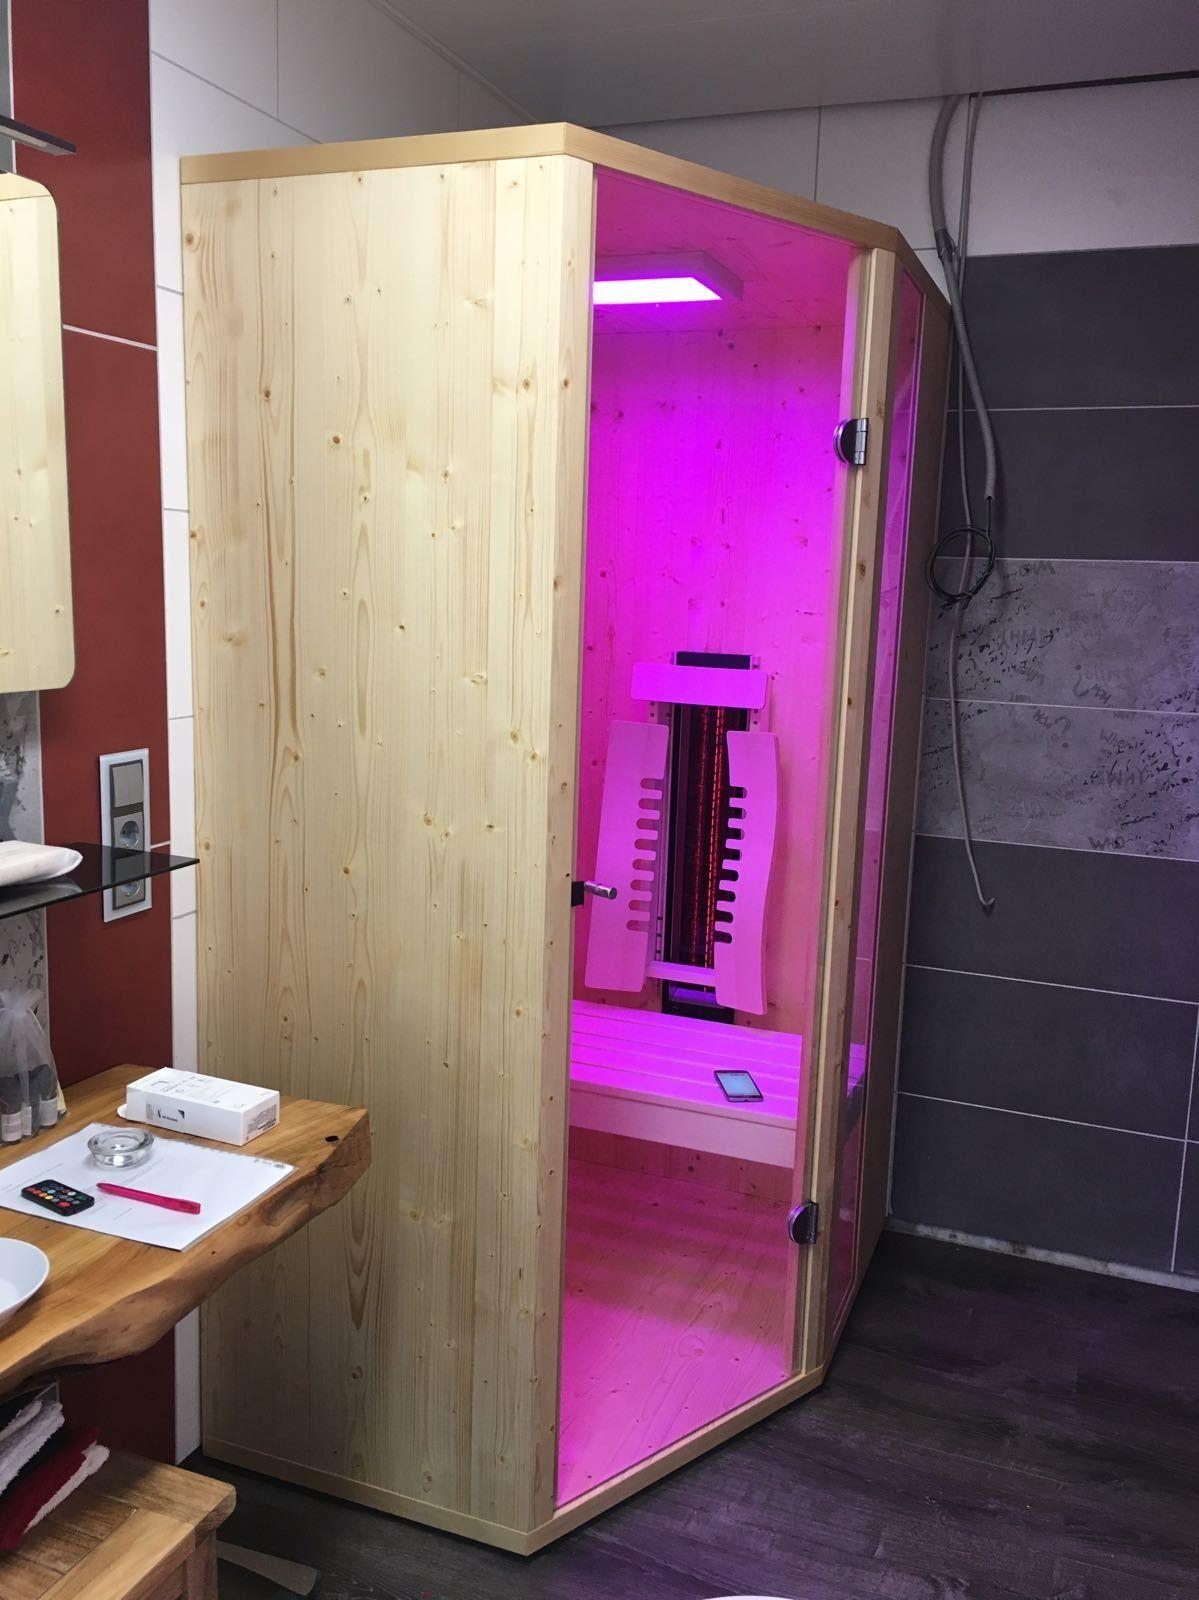 Eine kleine Infrarotkabine für das Badezimmer. Ecklösung mit